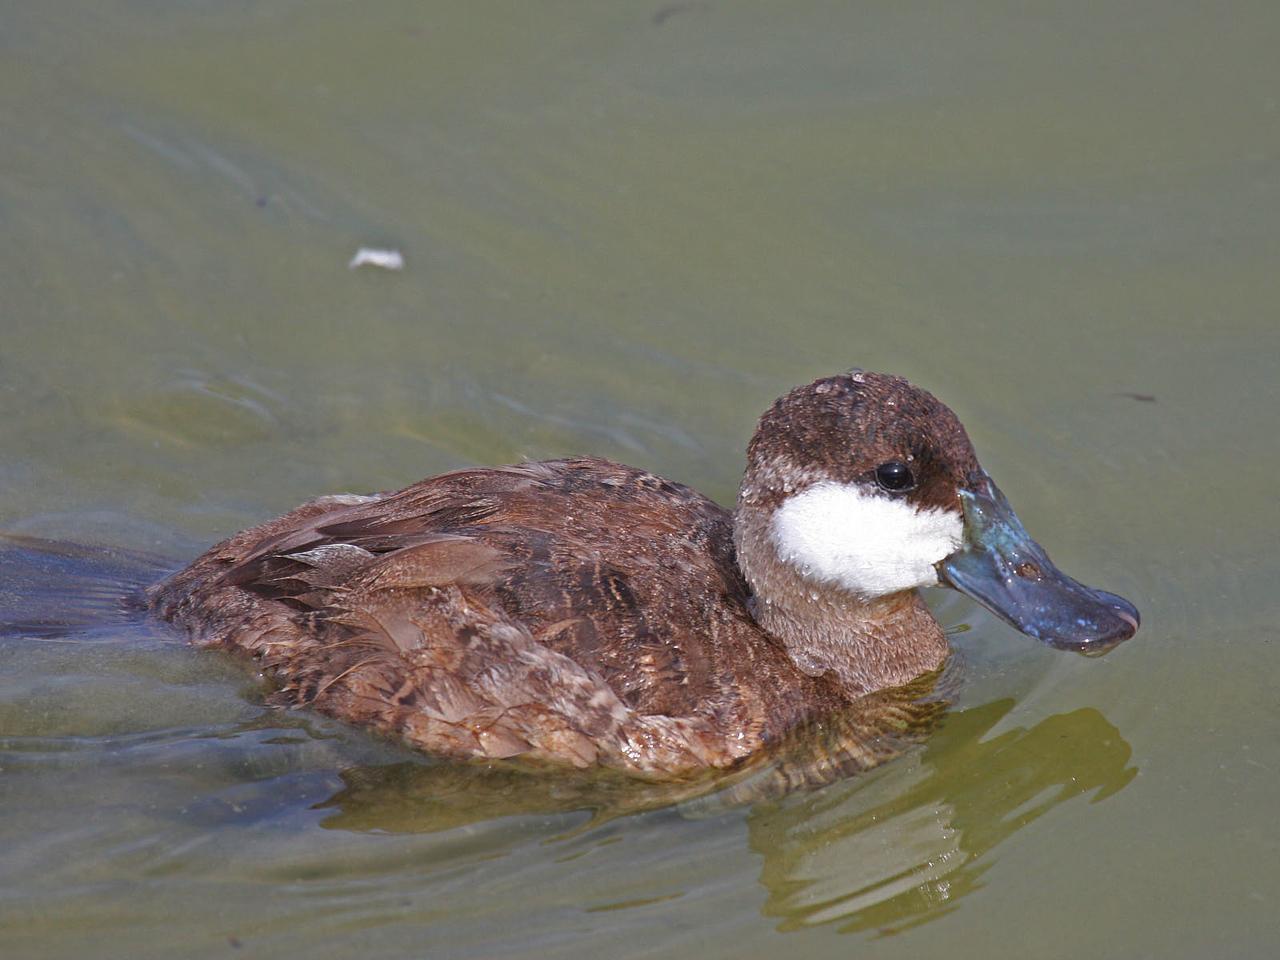 Ruddy Duck - Port Aransas Birding Center, Port Aransas, TX